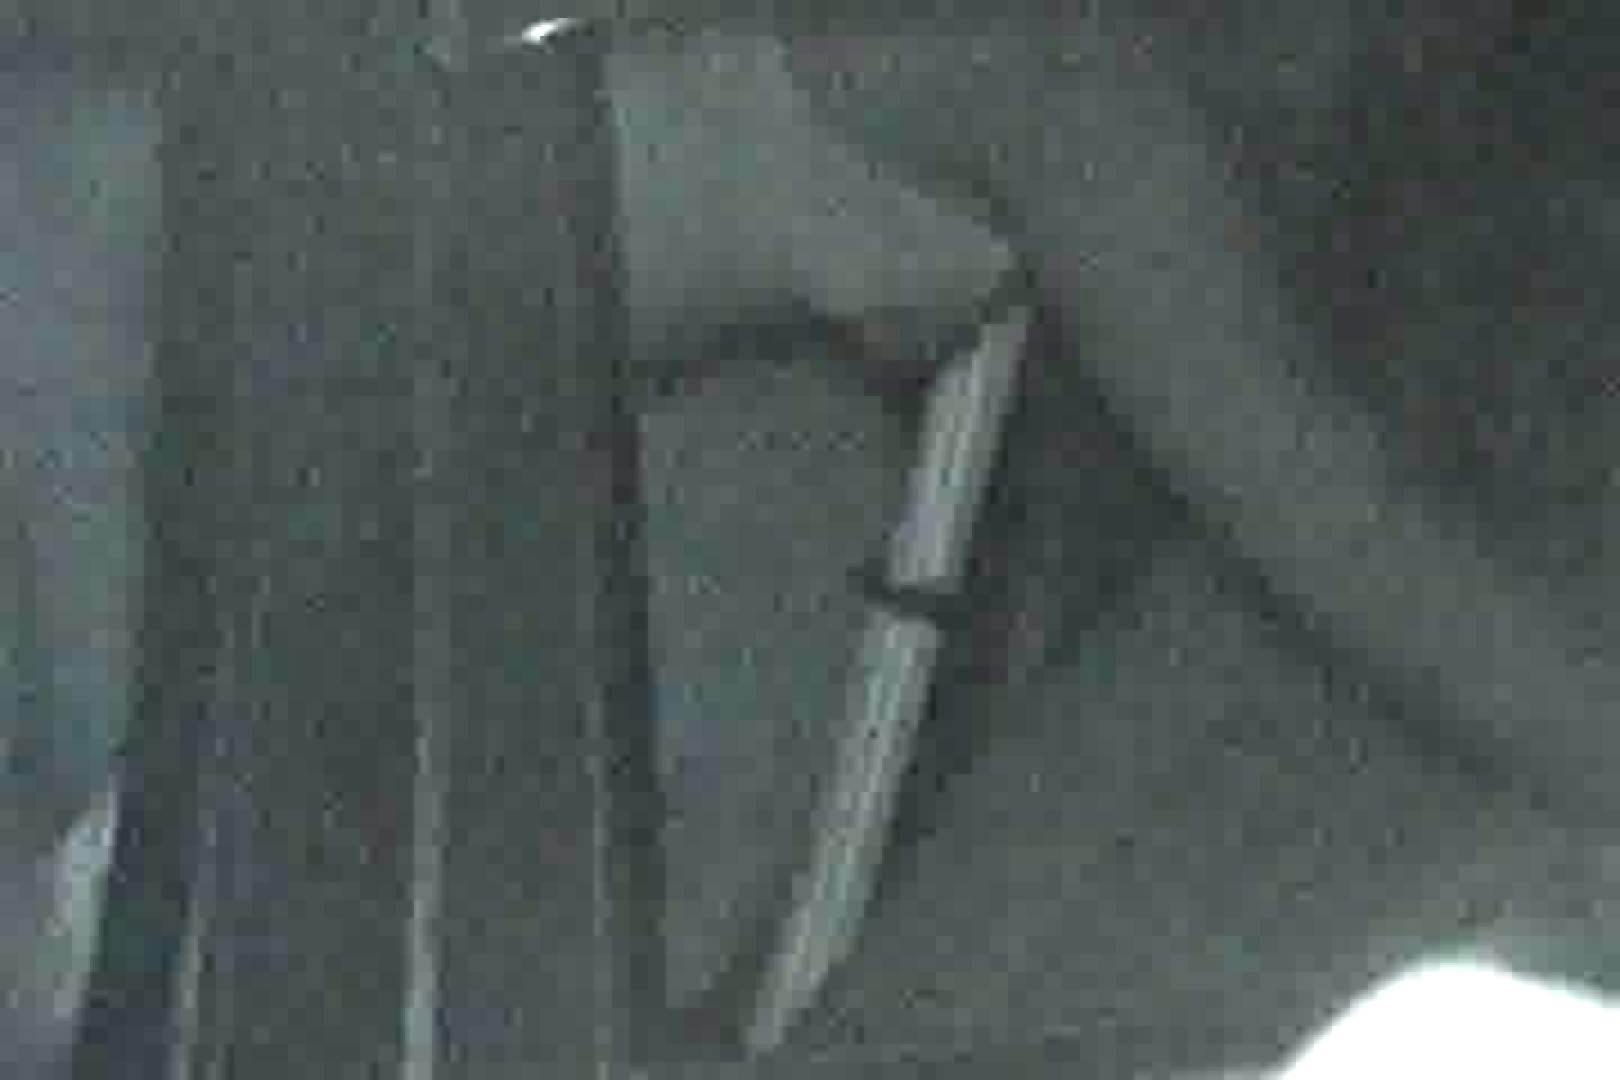 充血監督の深夜の運動会Vol.7 OLセックス 盗撮AV動画キャプチャ 98画像 2